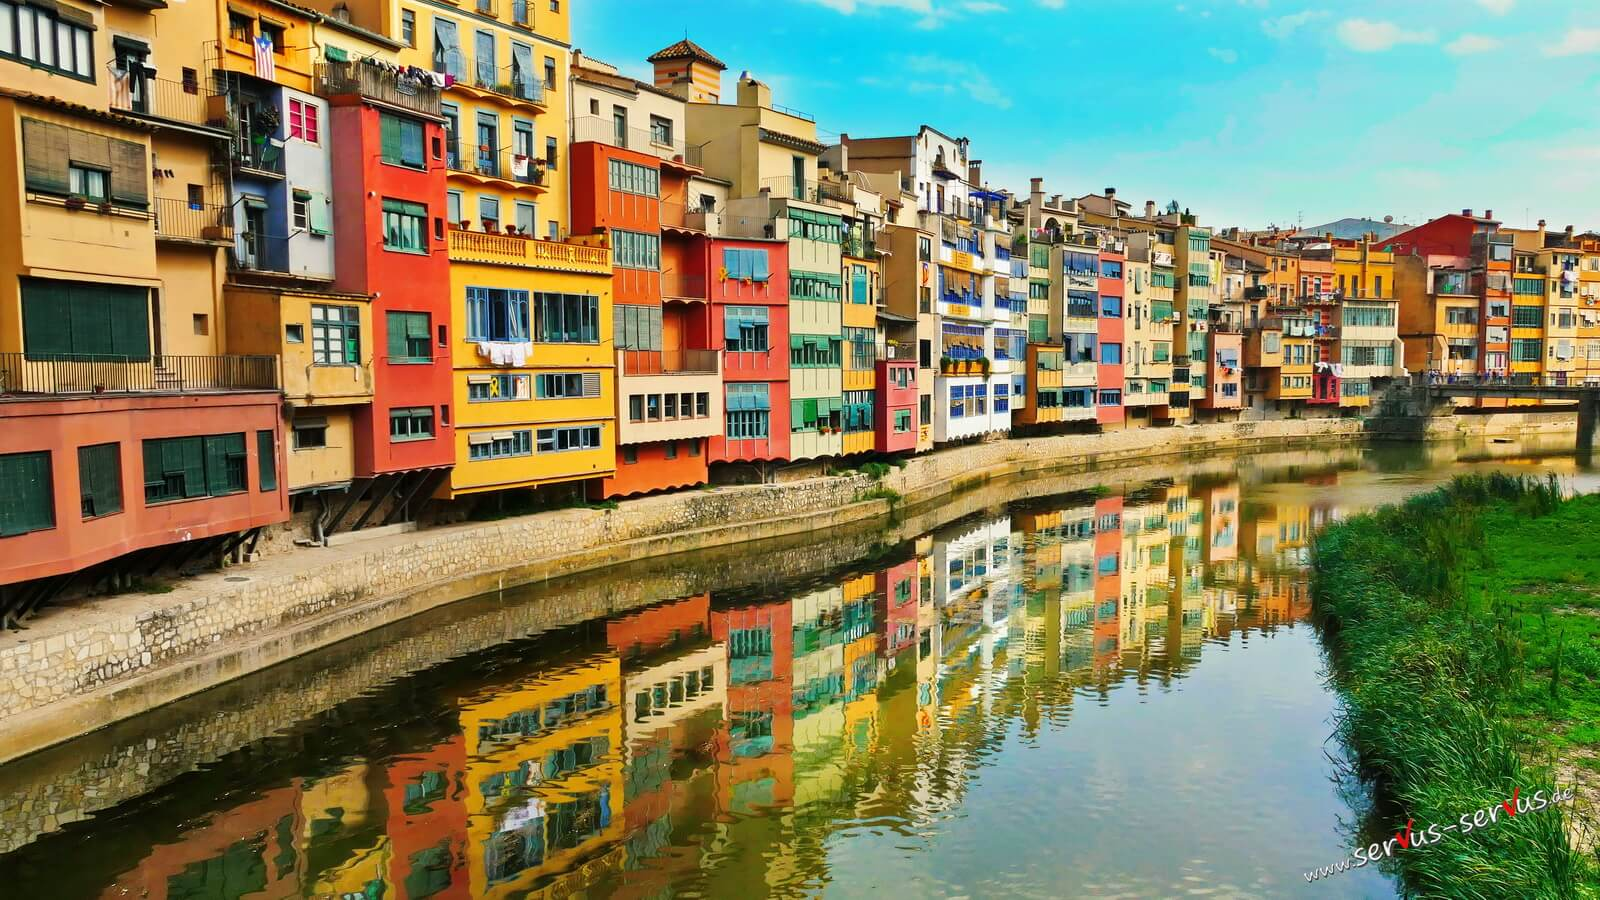 Farbige Häuser in Girona Spanien